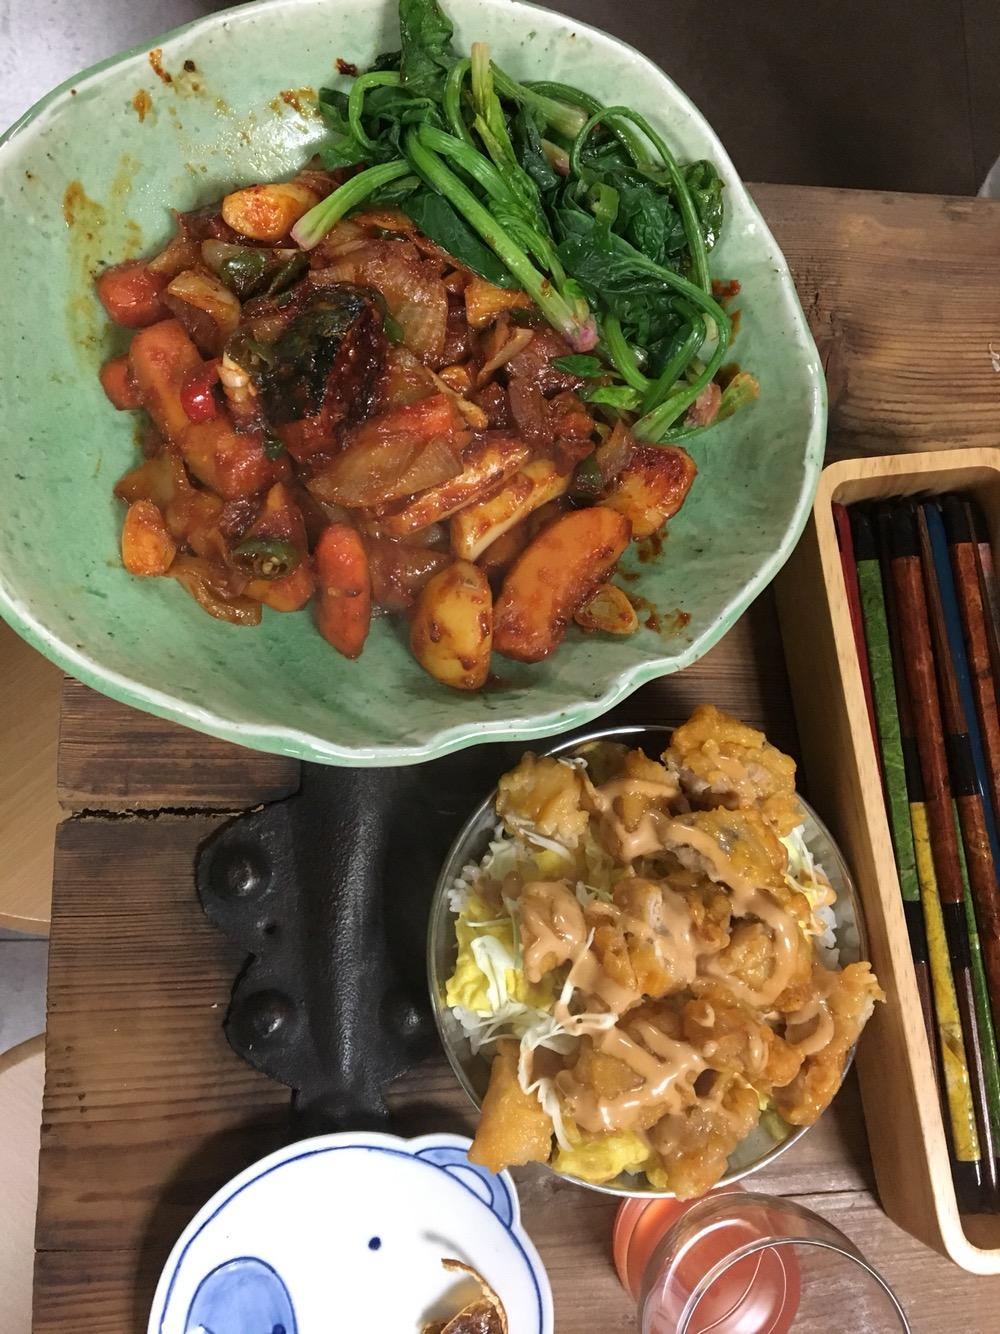 락앤락 원데이 클래스-저녁집밥 후기